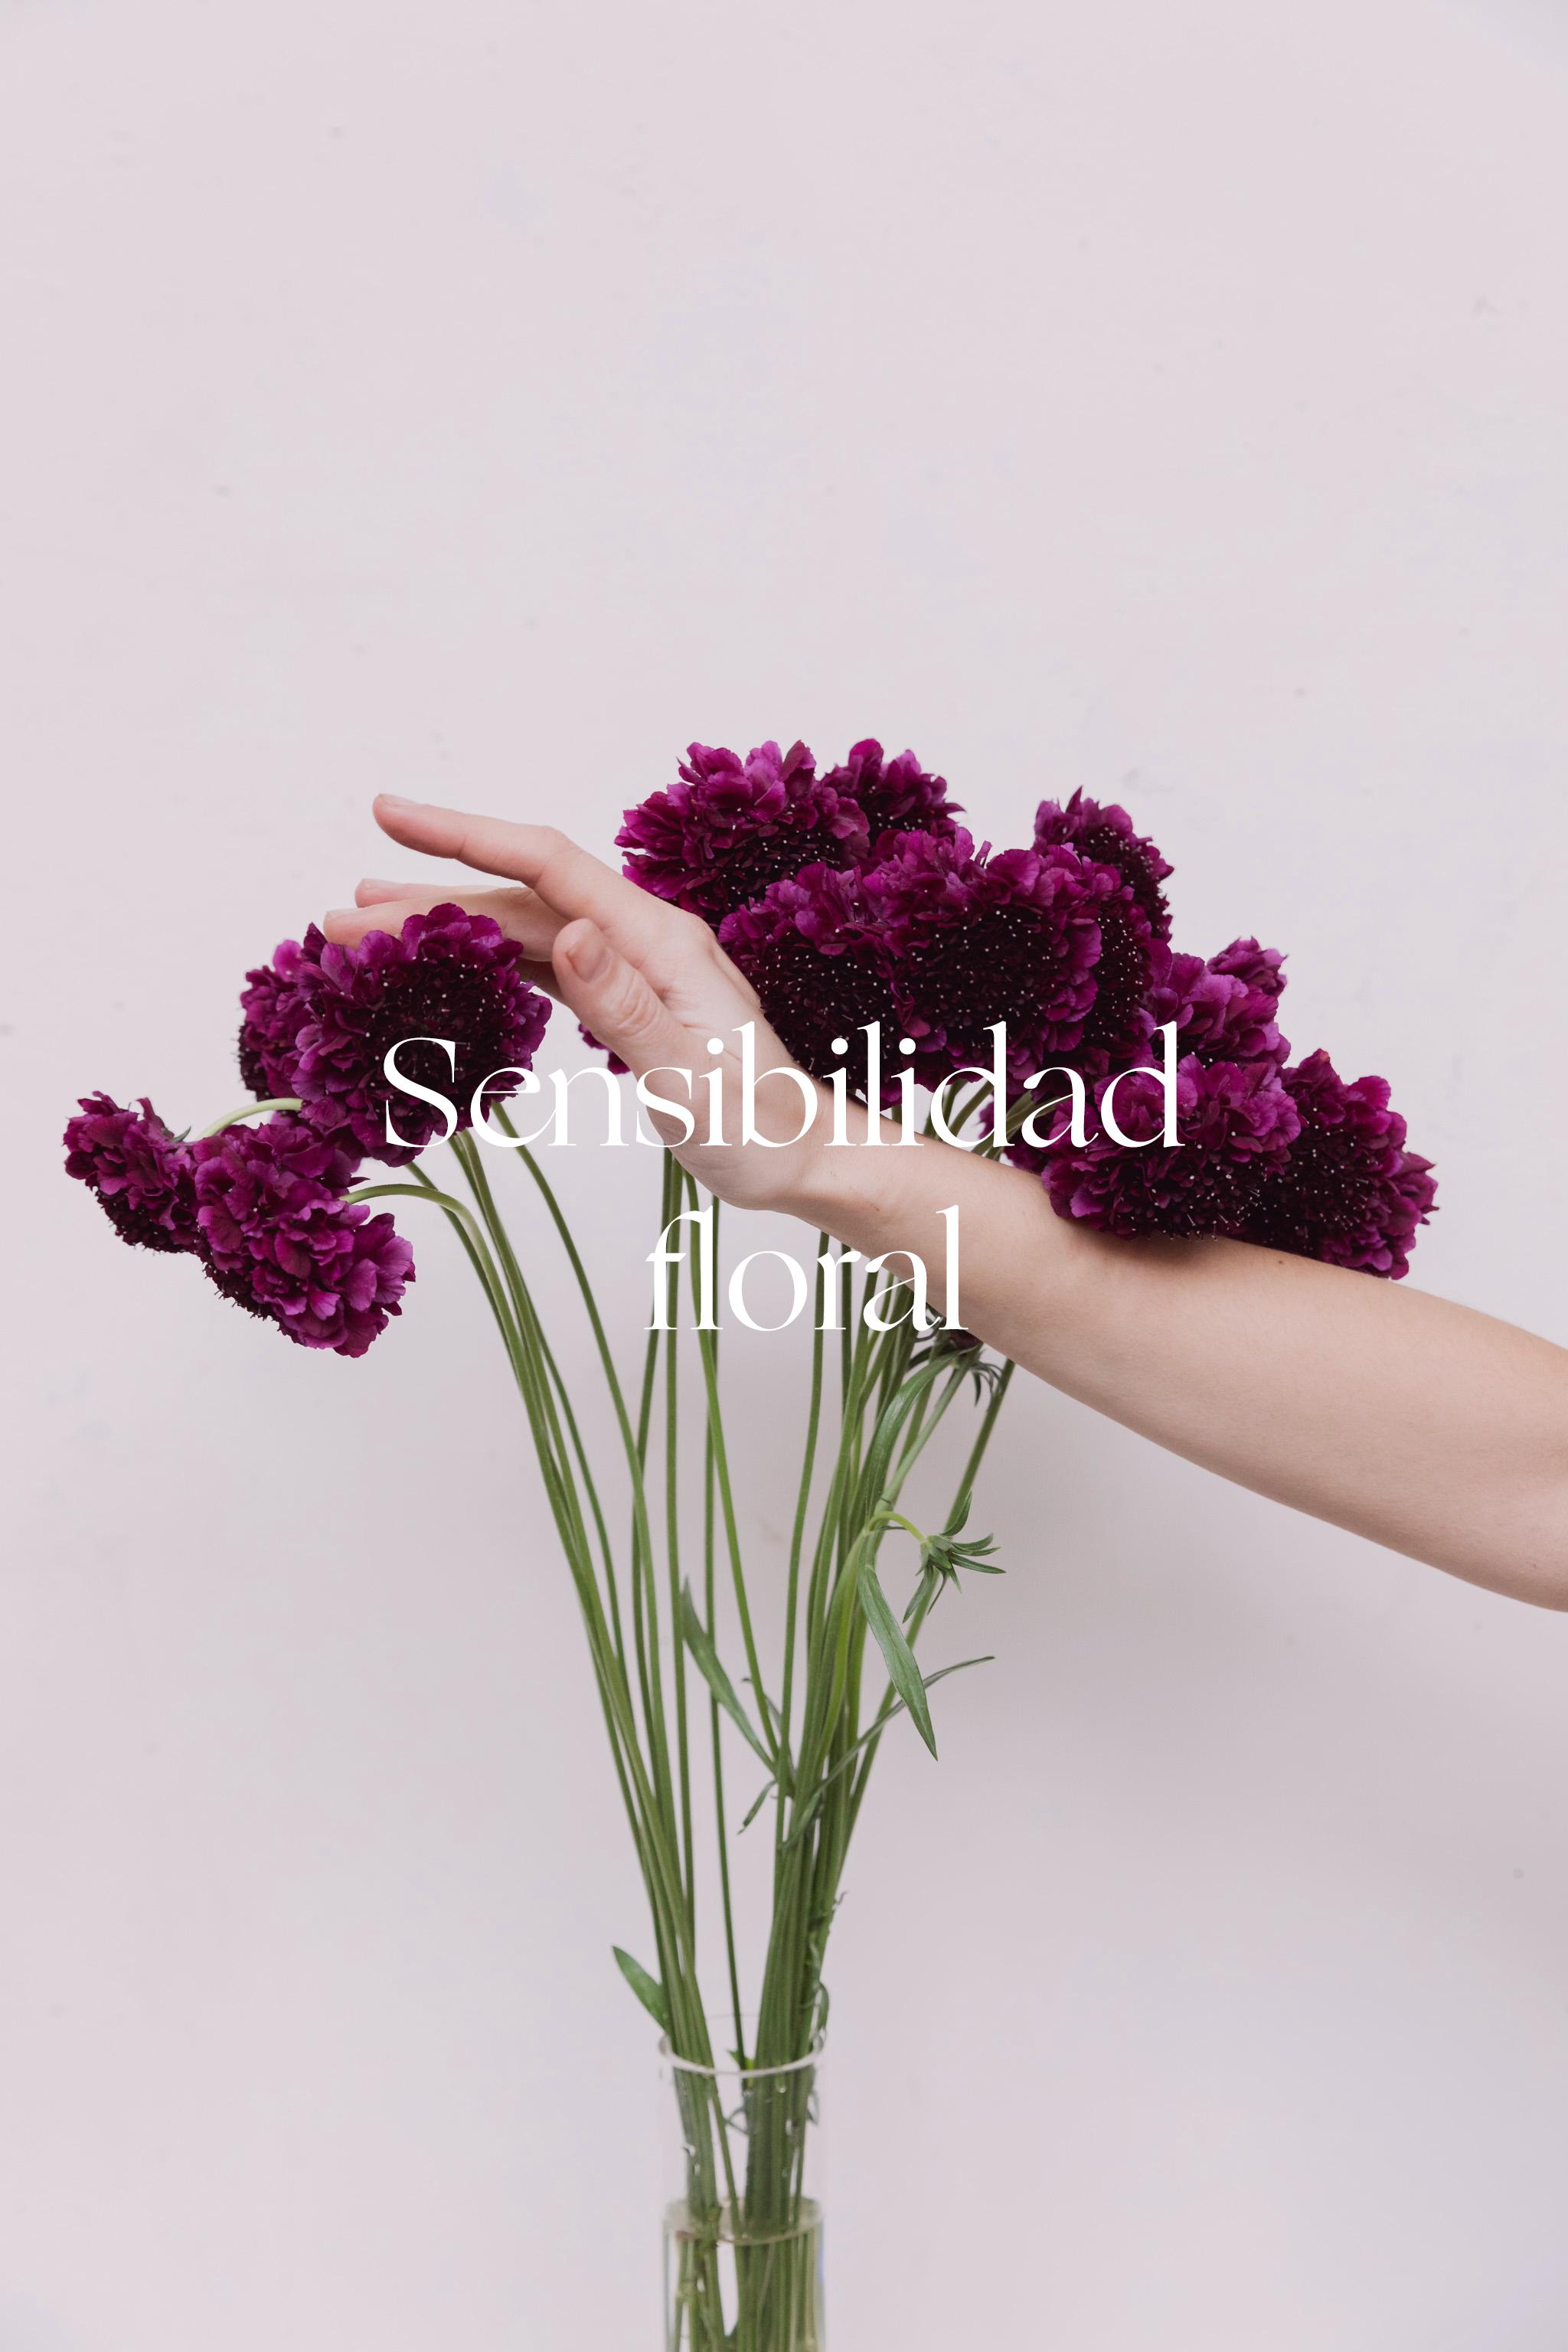 alblanc sensibilidad floral.png